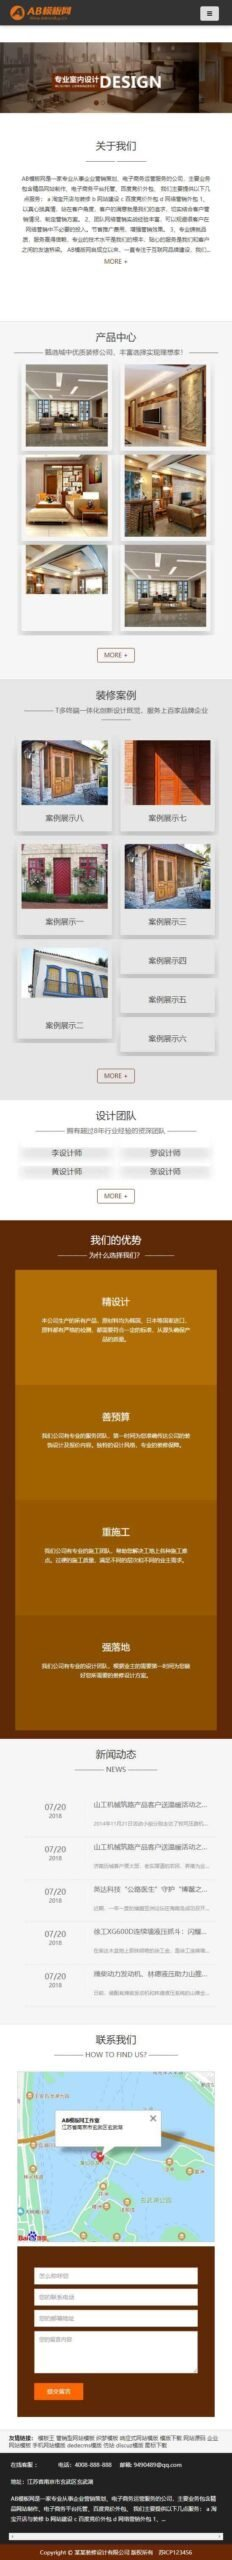 装修公司企业网站织梦dede模板源码[自适应手机版]插图1